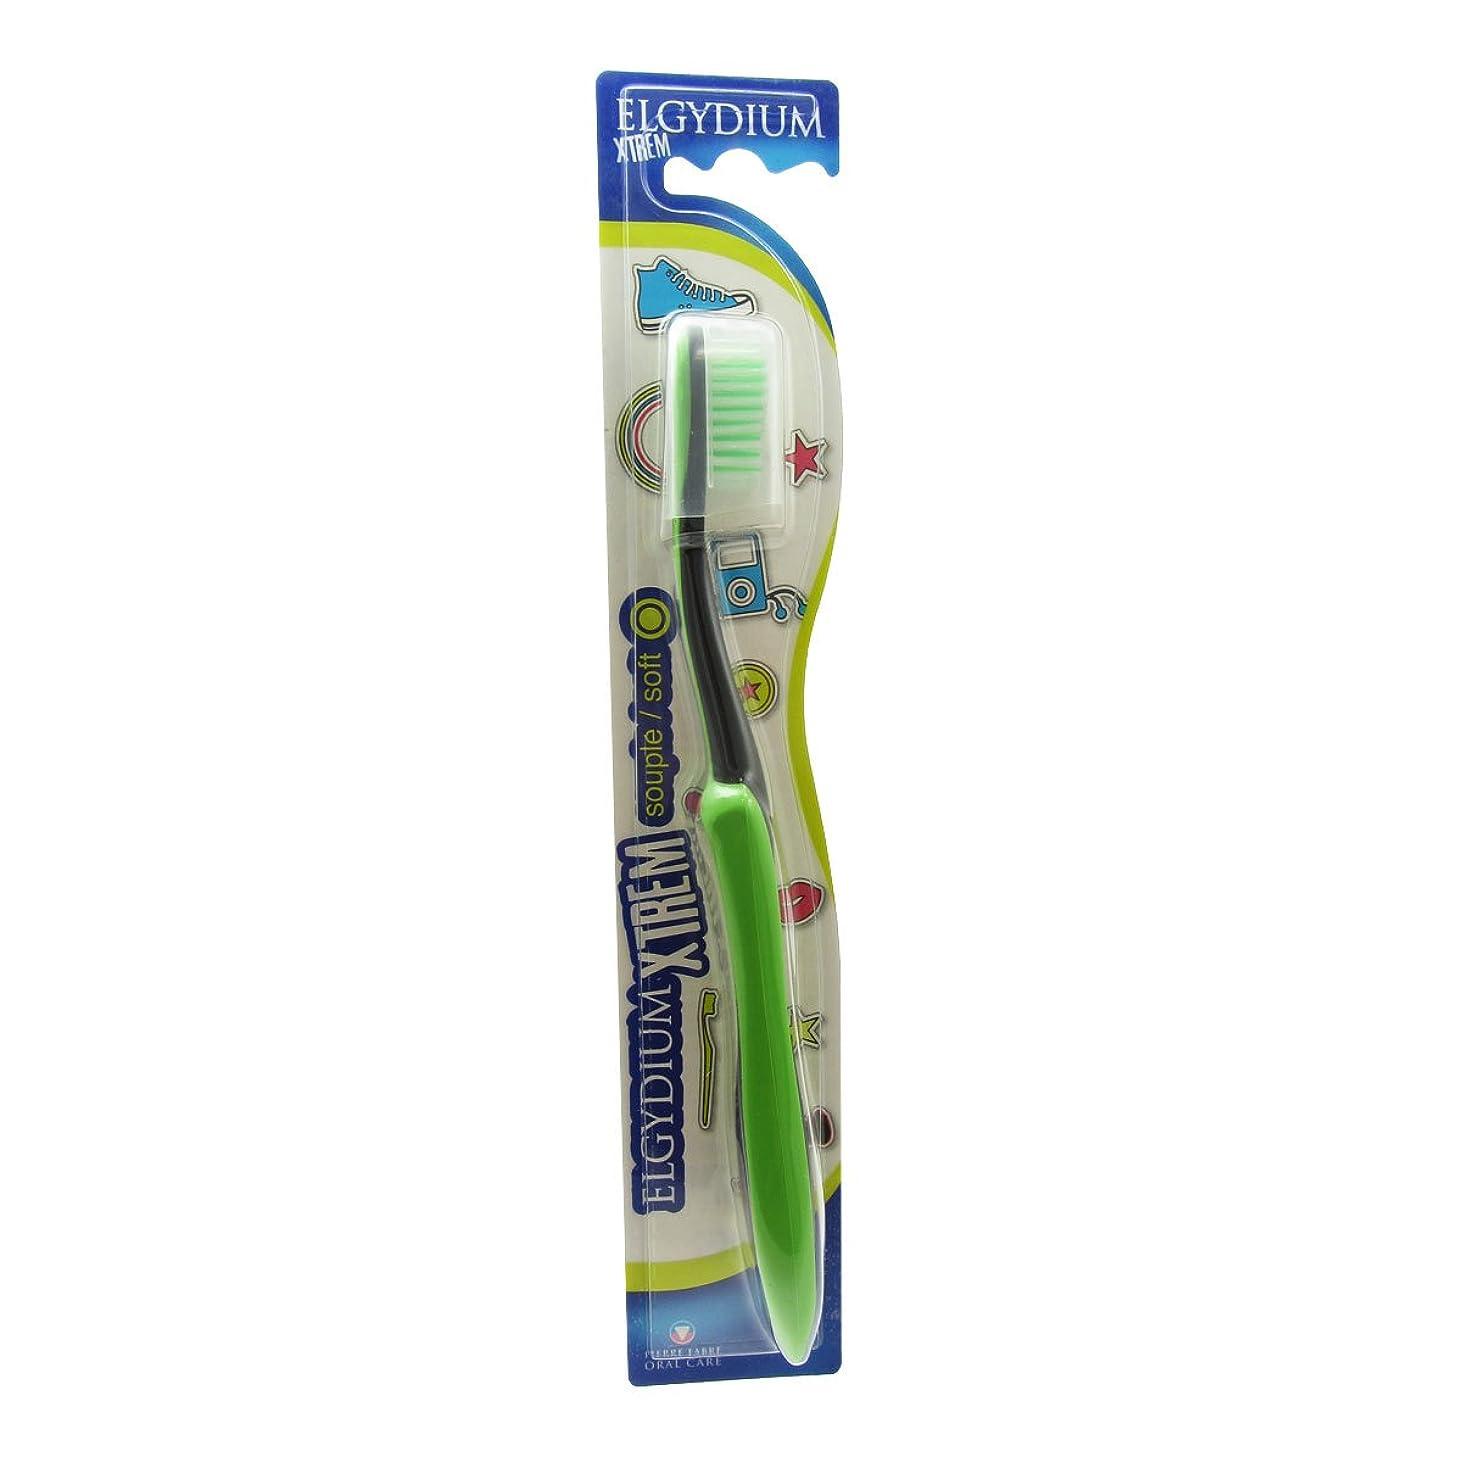 に関してラブ局Elgydium Xtrem Toothbrush Soft Hardness [並行輸入品]